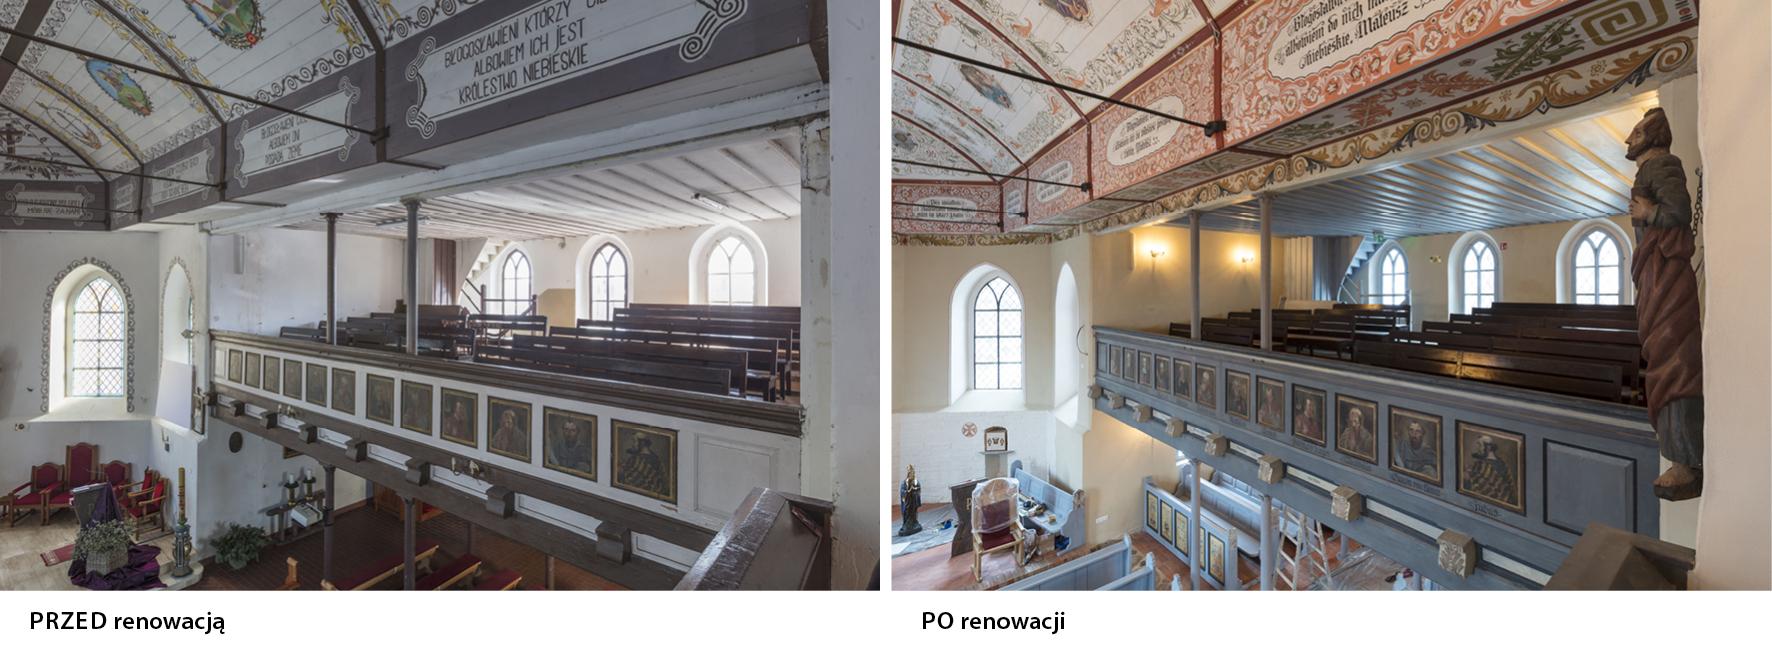 przed_po_renowacji_1917